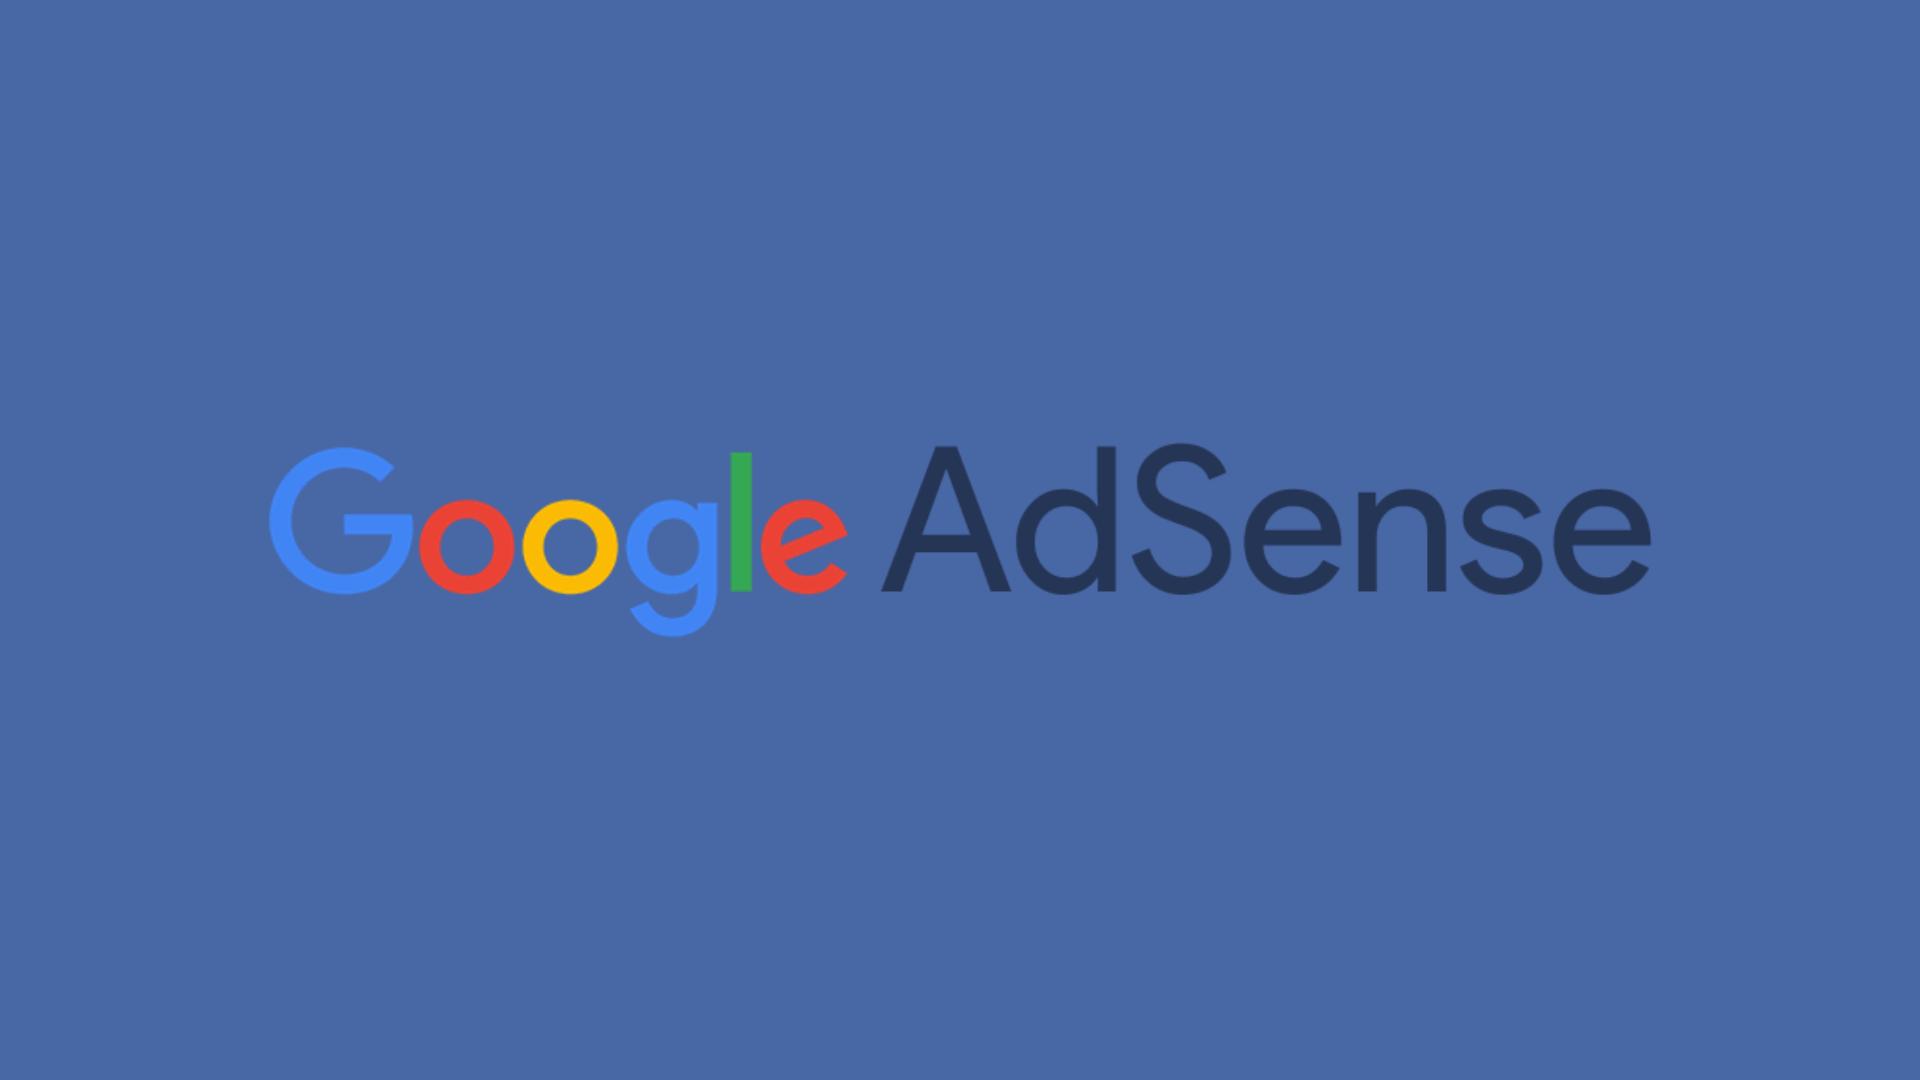 Jak zoptymalizować reklamy Adsense dla urządzeń mobilnych i zarabiać więcej?